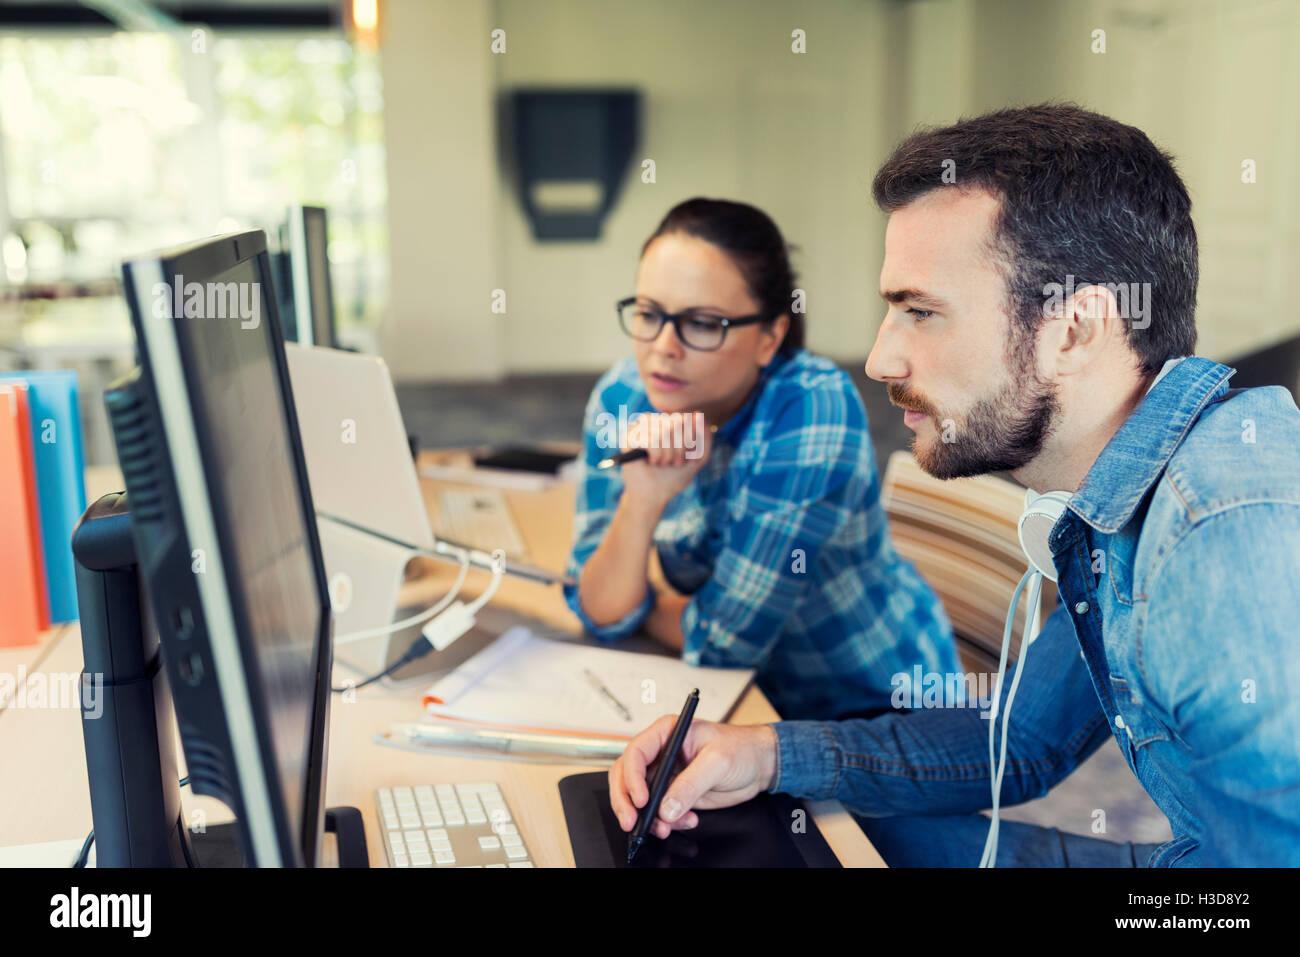 Deux pigistes travaillant ensemble dans l'espace de coworking. Réunion de l'équipe d'affaires in modern office Banque D'Images